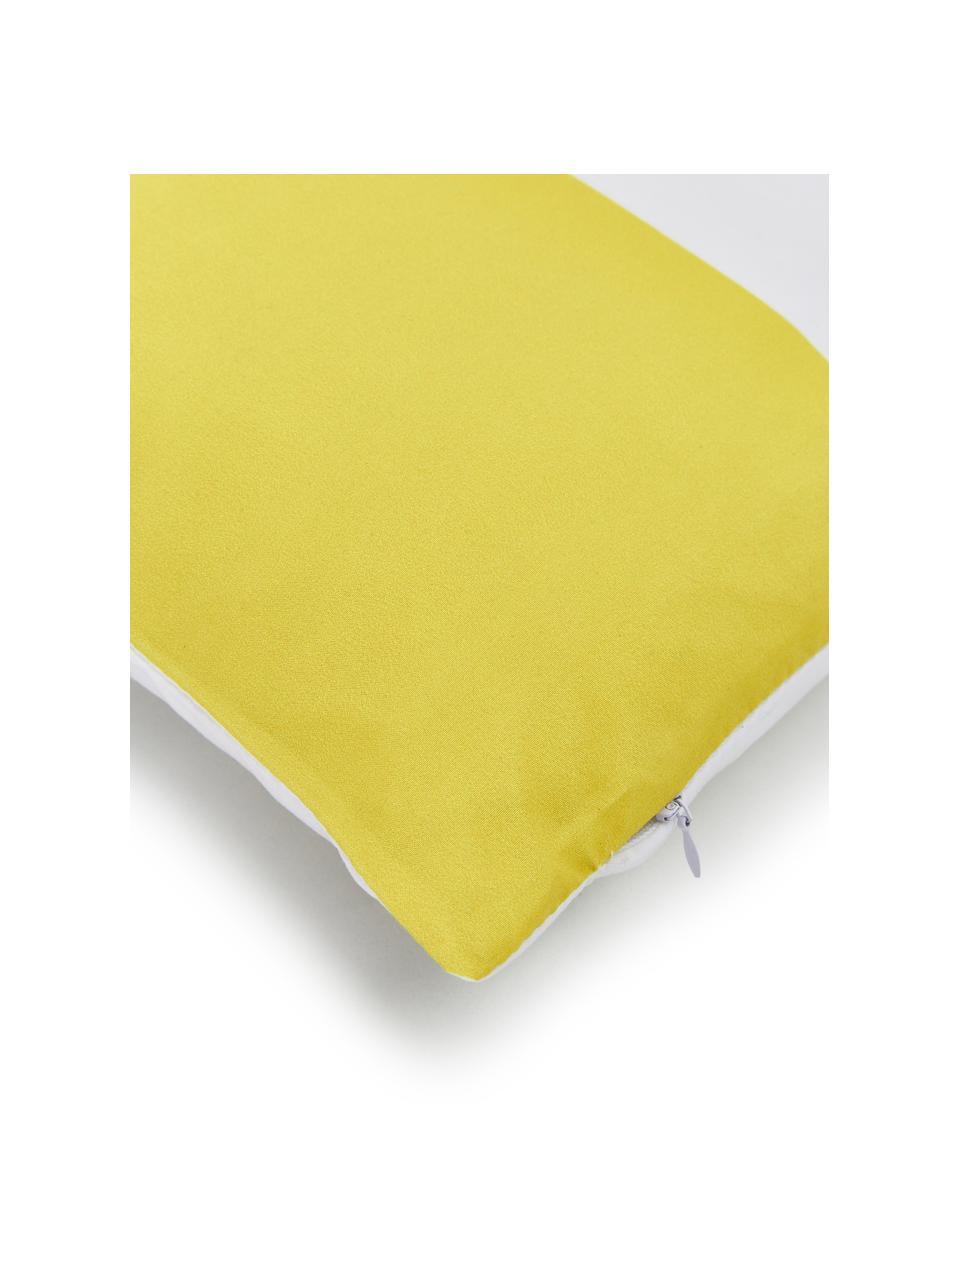 Kissenhülle Magdalena mit Streifen, 100% Polyester, Weiß, Gelb, Schwarz, 40 x 40 cm